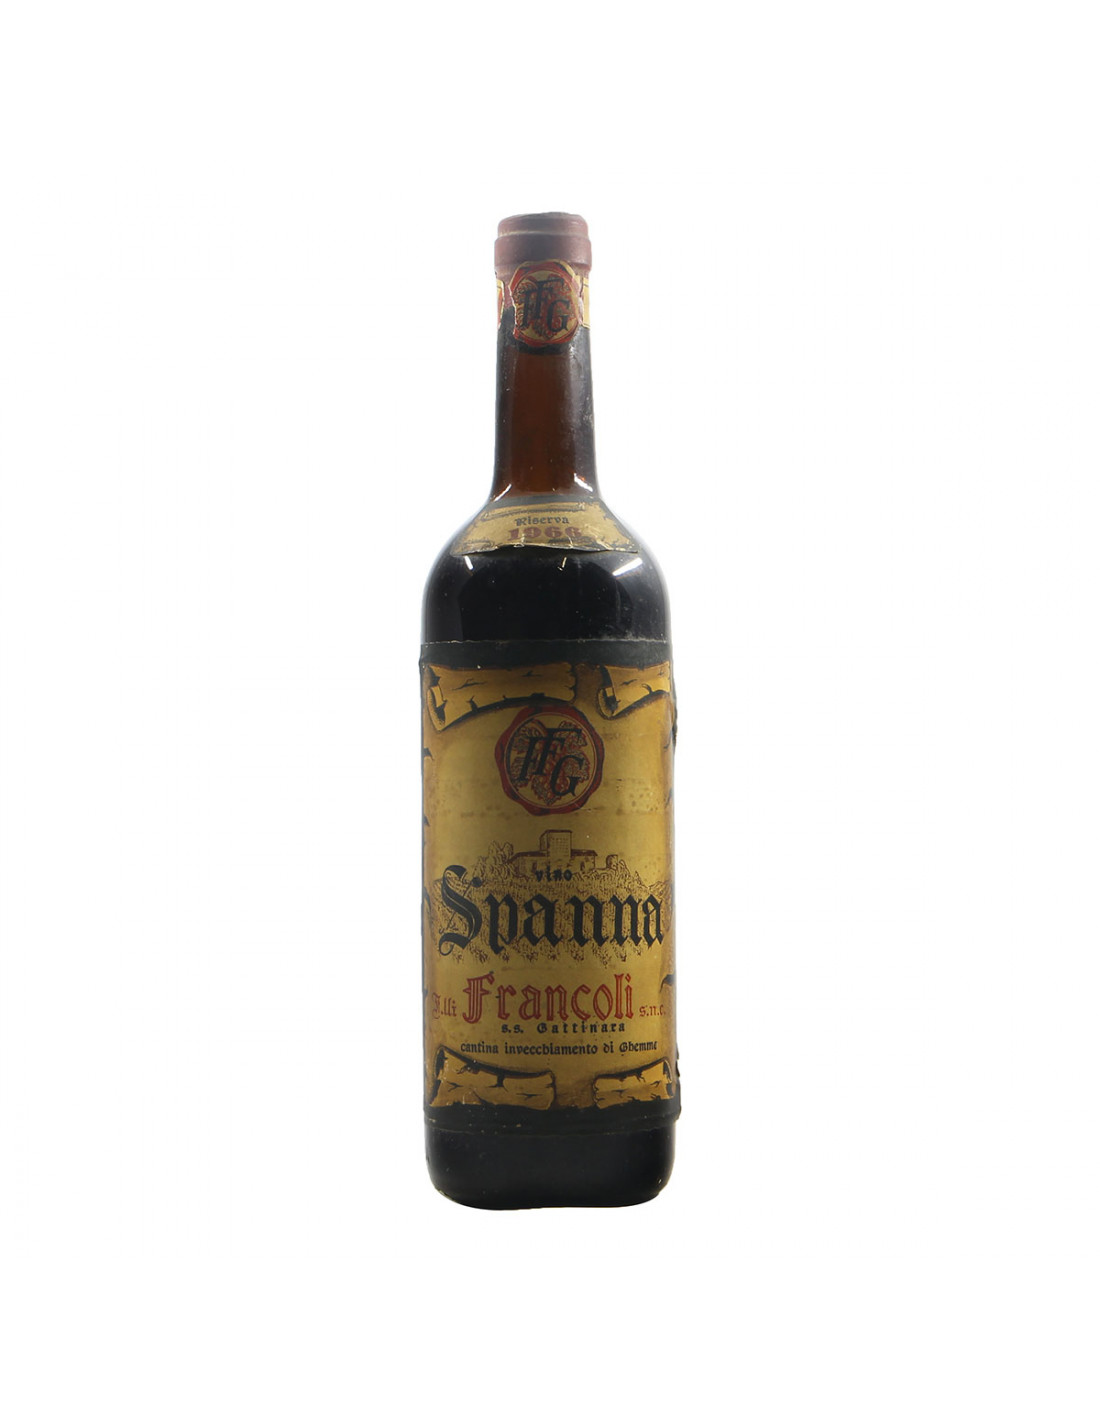 Francoli Spanna 1966 Grandi Bottiglie